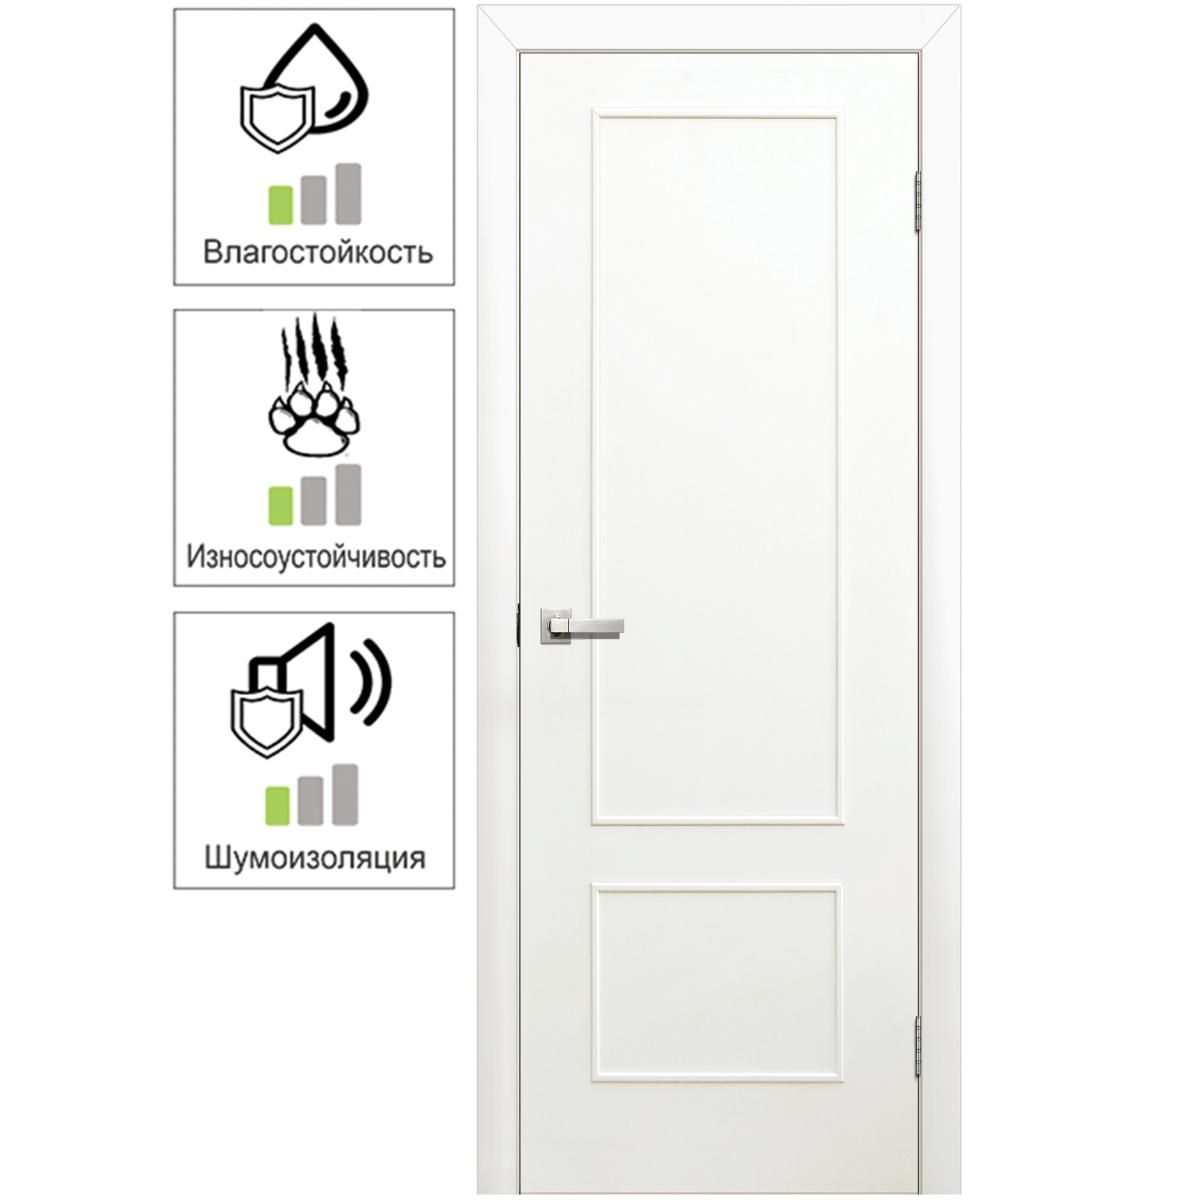 Дверь межкомнатная глухая ламинированная Классика 70x200 см цвет белый